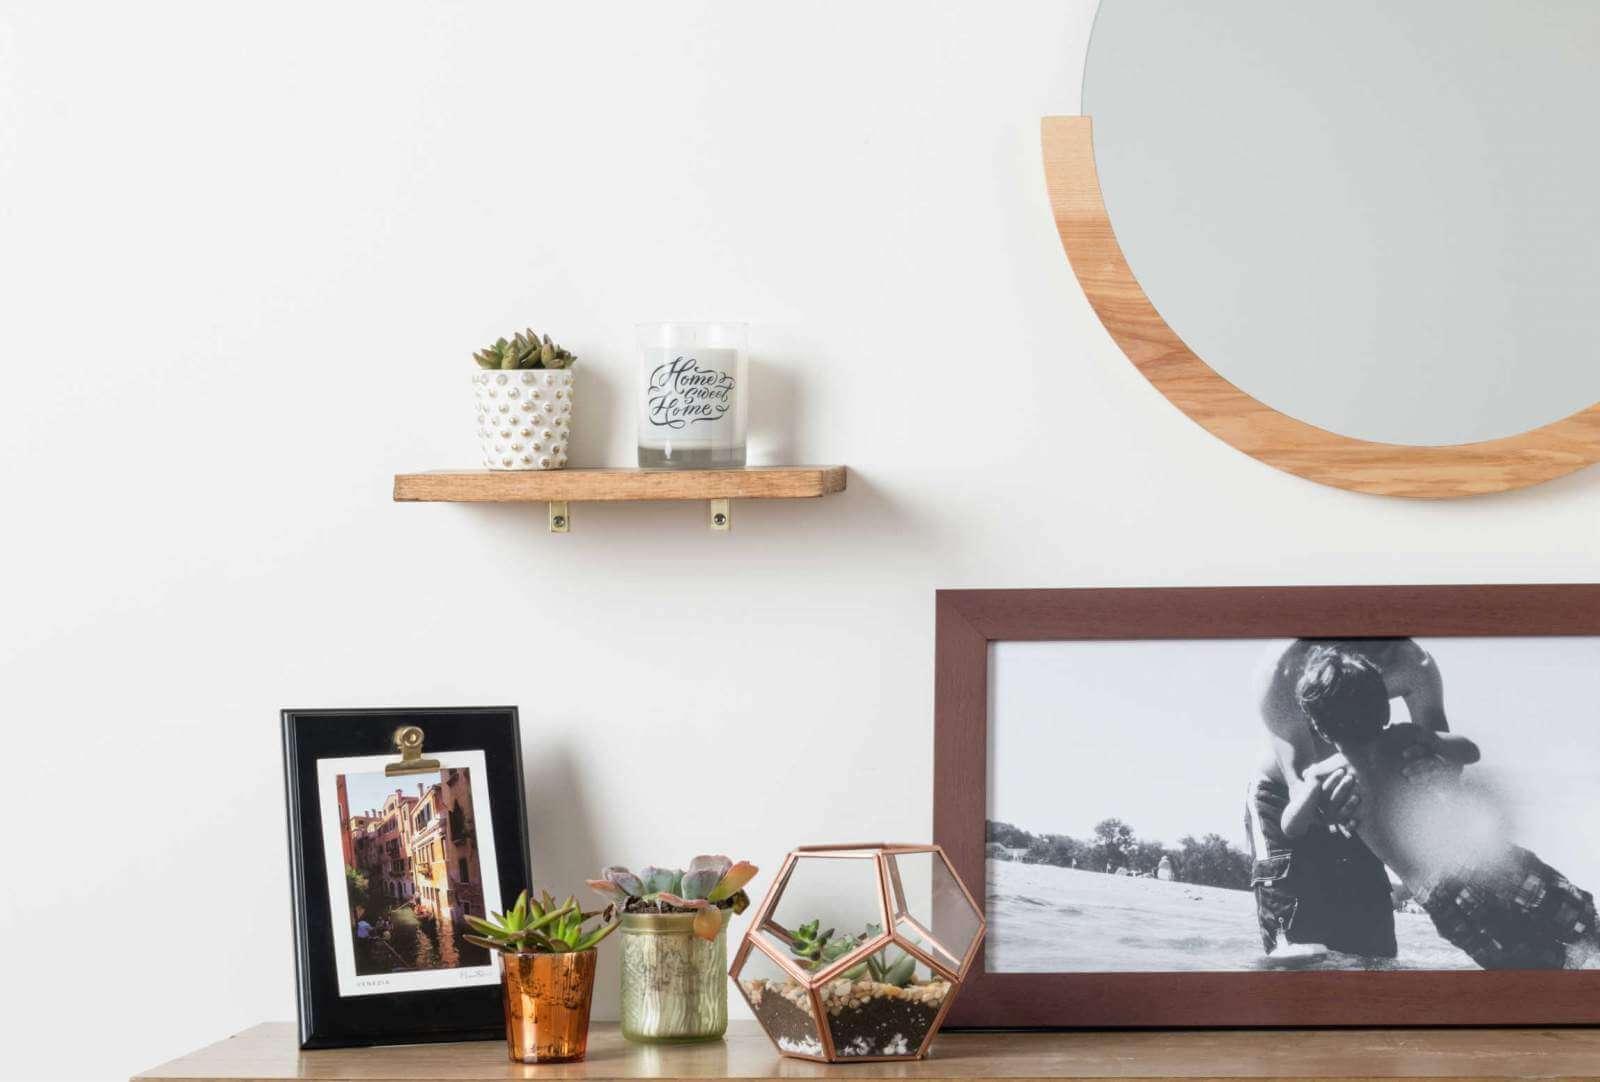 Fullsize Of Small Gift Ideas